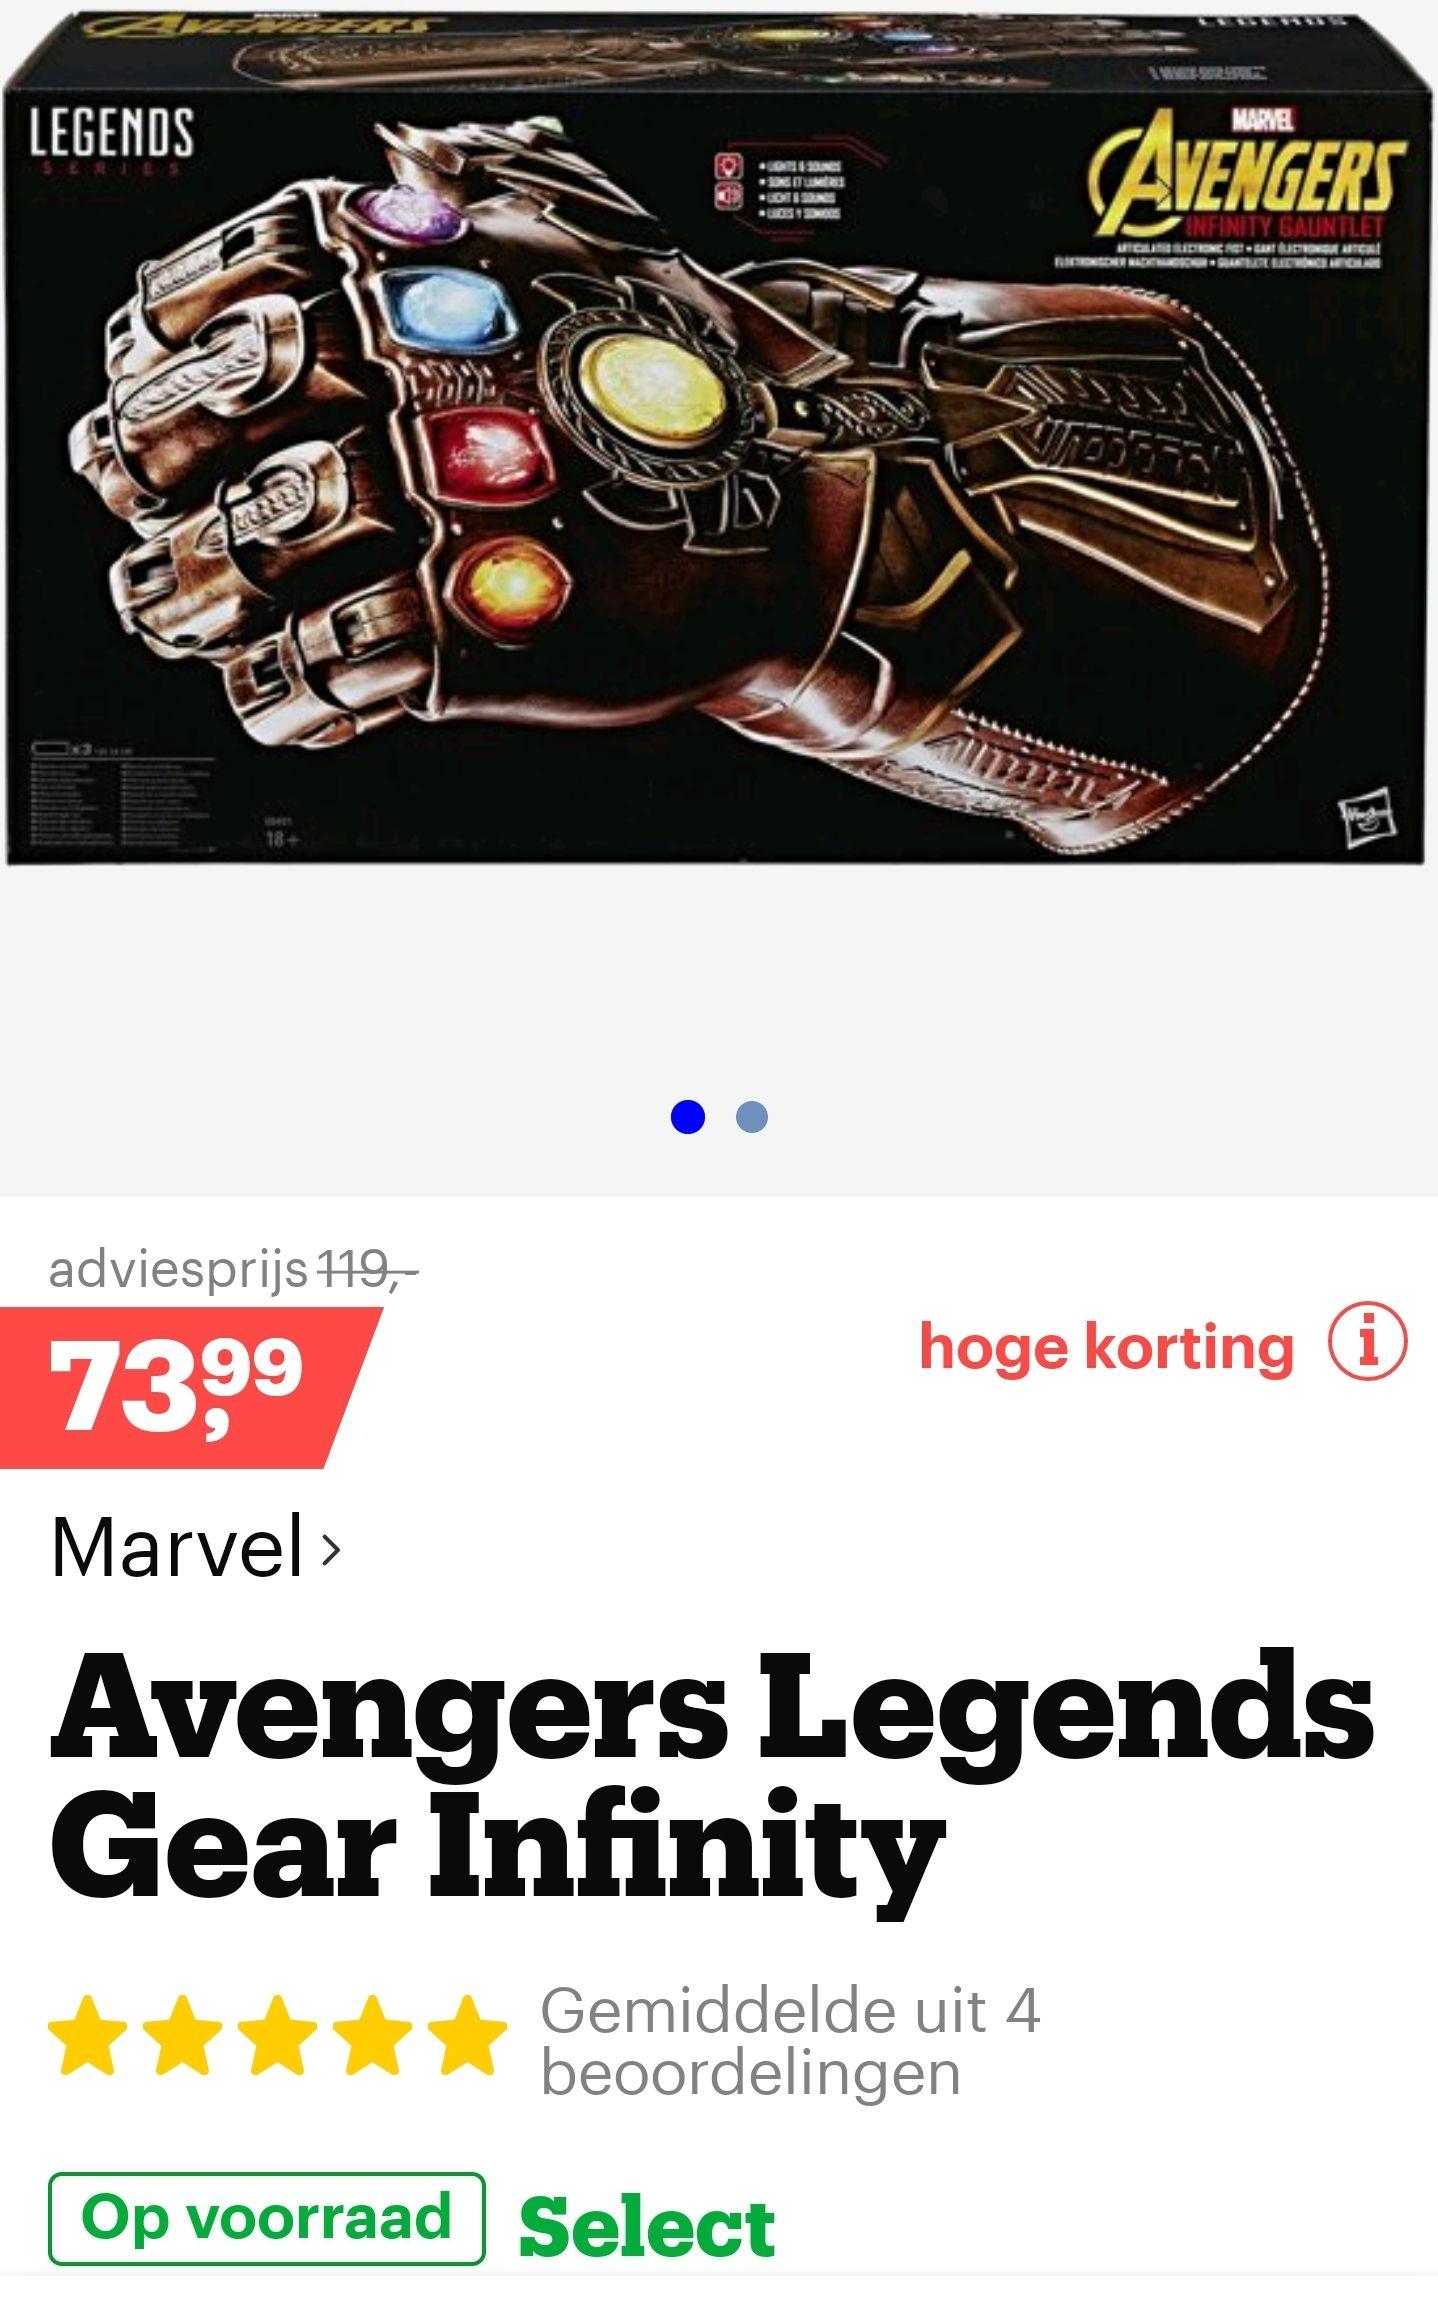 Avengers Legends Gear Infinity.